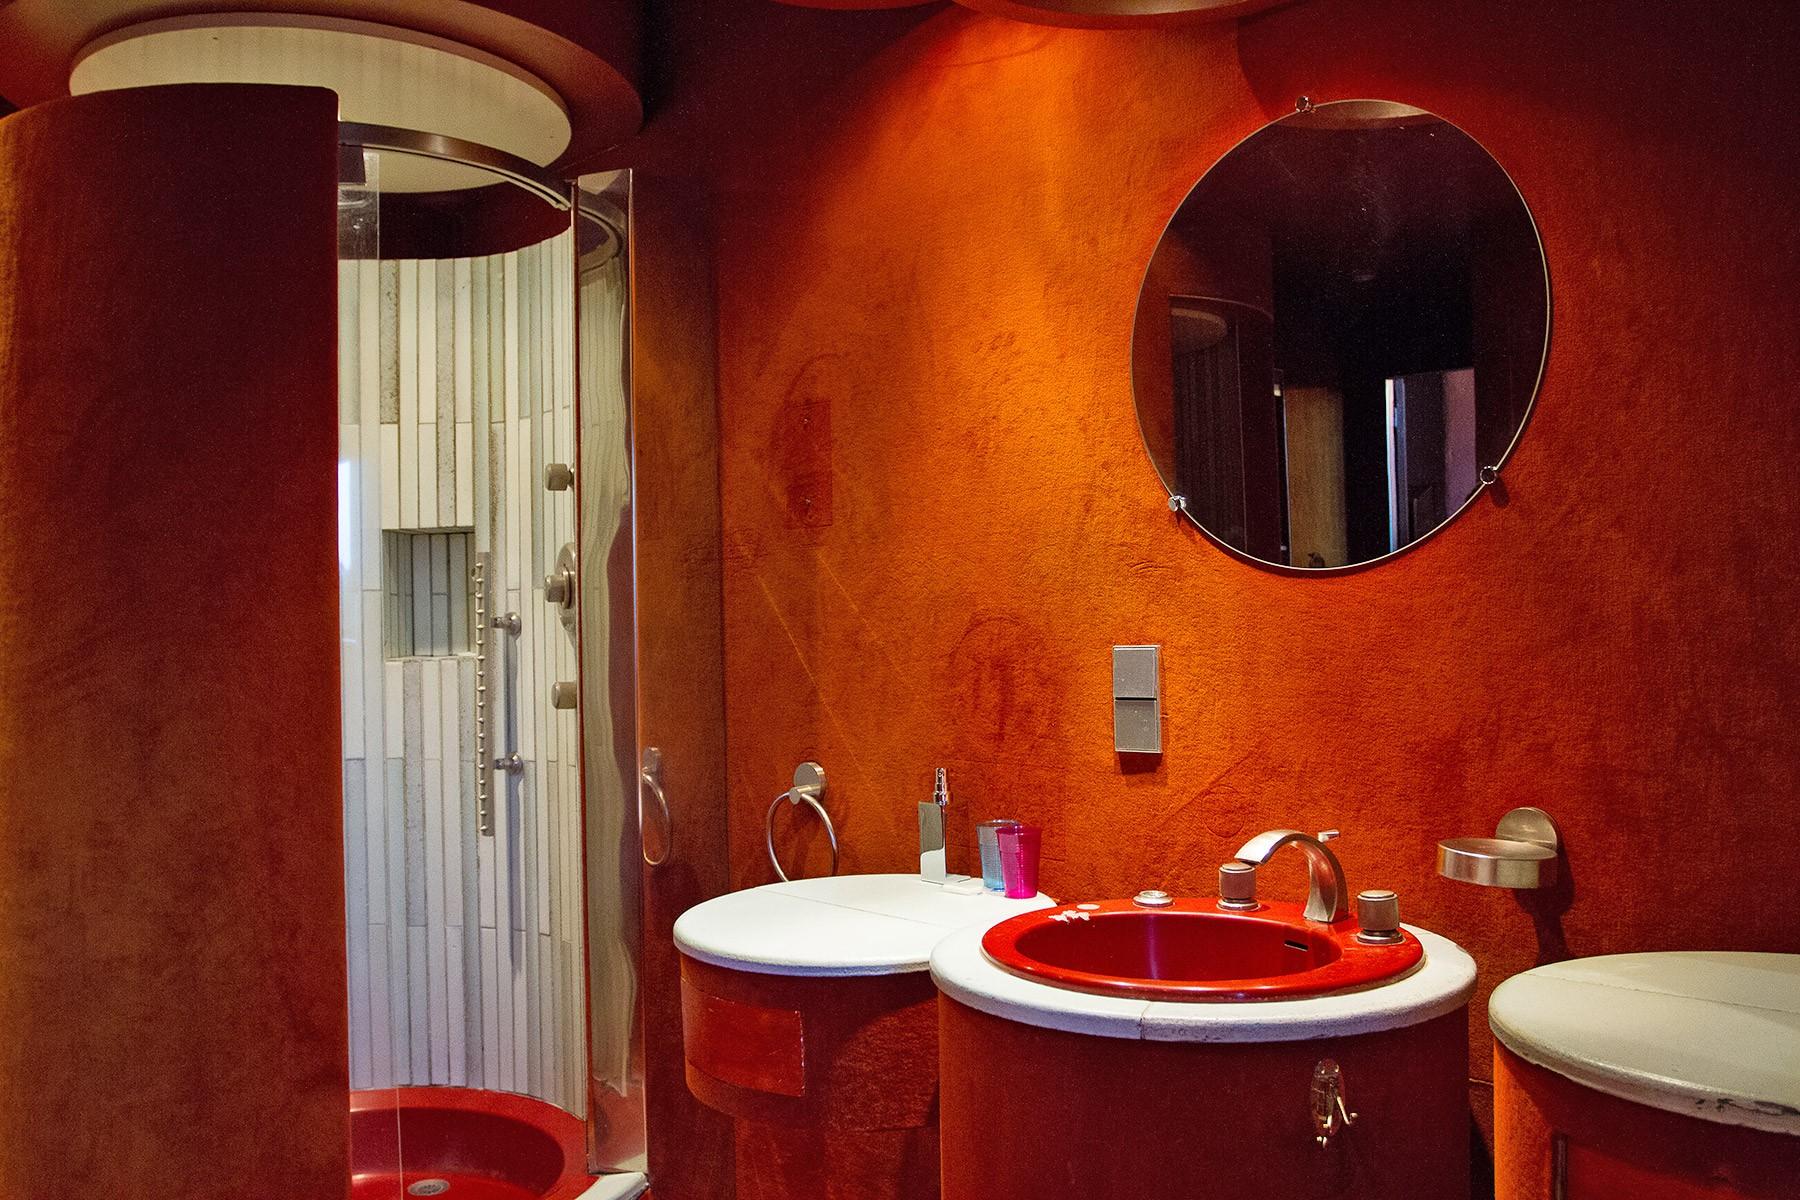 Chambre d h´tes de luxe au ch¢teau proche Valence et Viarh´na Page 2